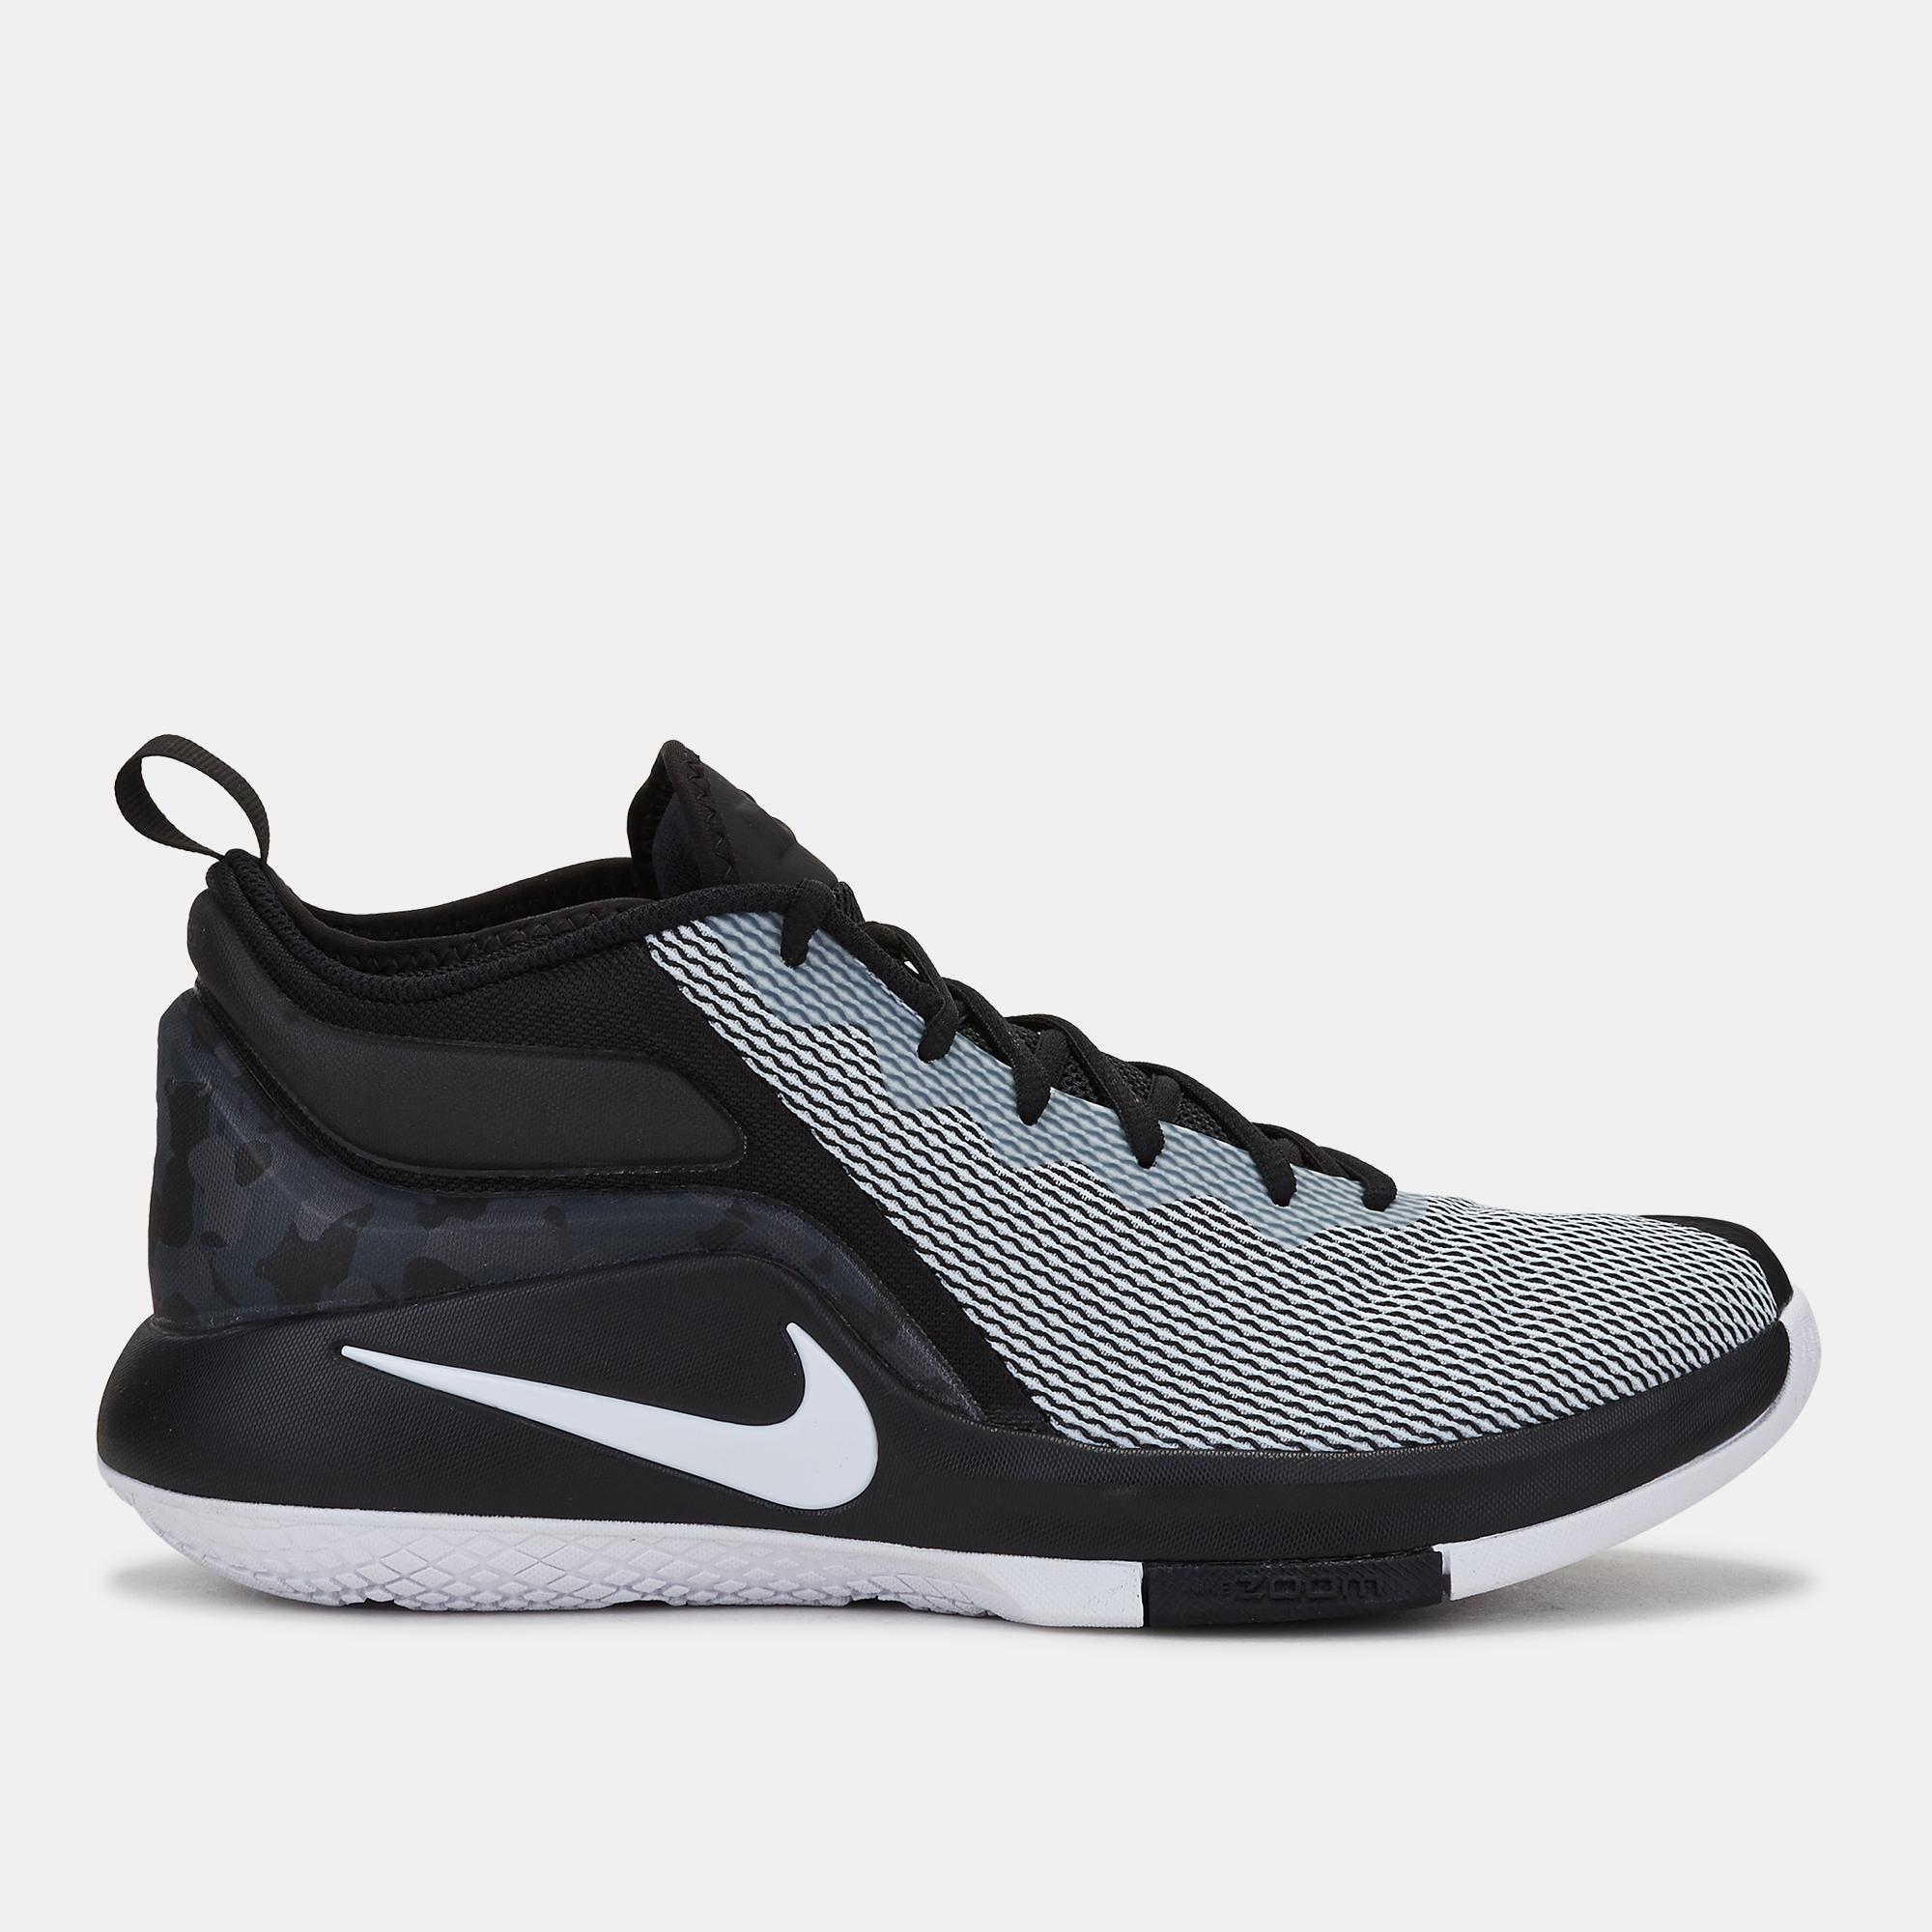 0f0e980693864 Nike LeBron Witness 2 Basketball shoe